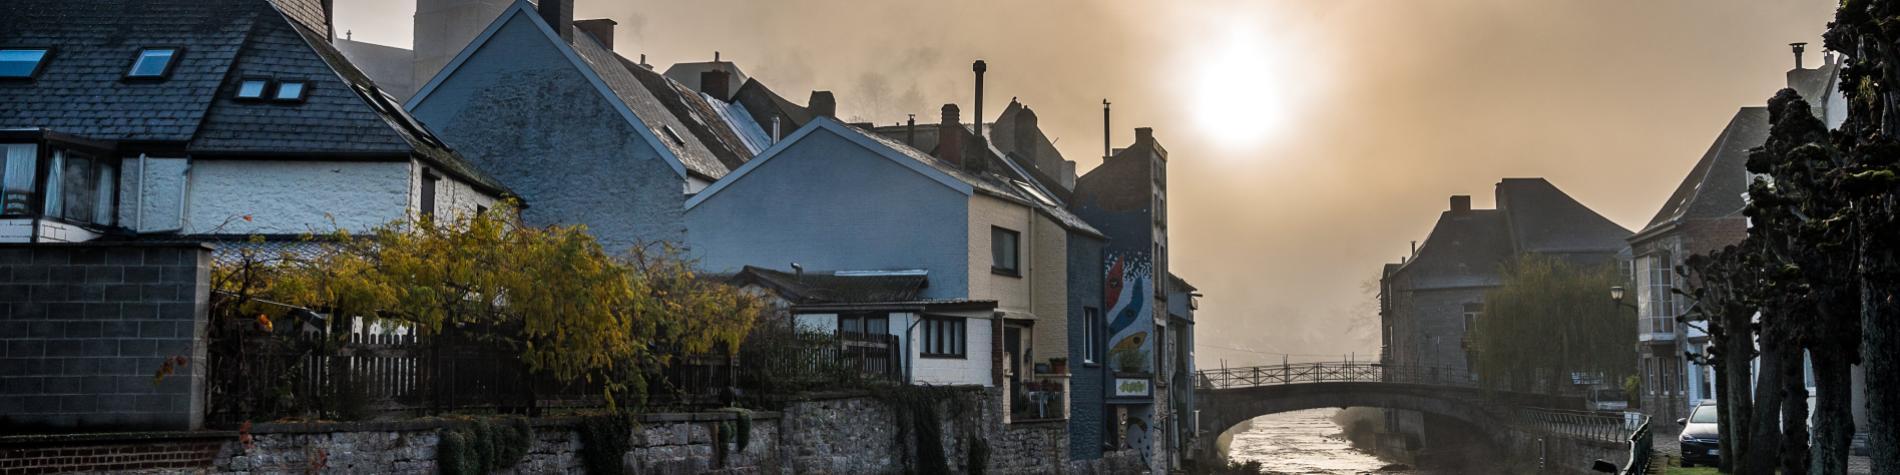 Office de Tourisme - Couvin - Province de Namur - Wallonie Terre d'Eau - Wallonie Nature - Province de Namur -